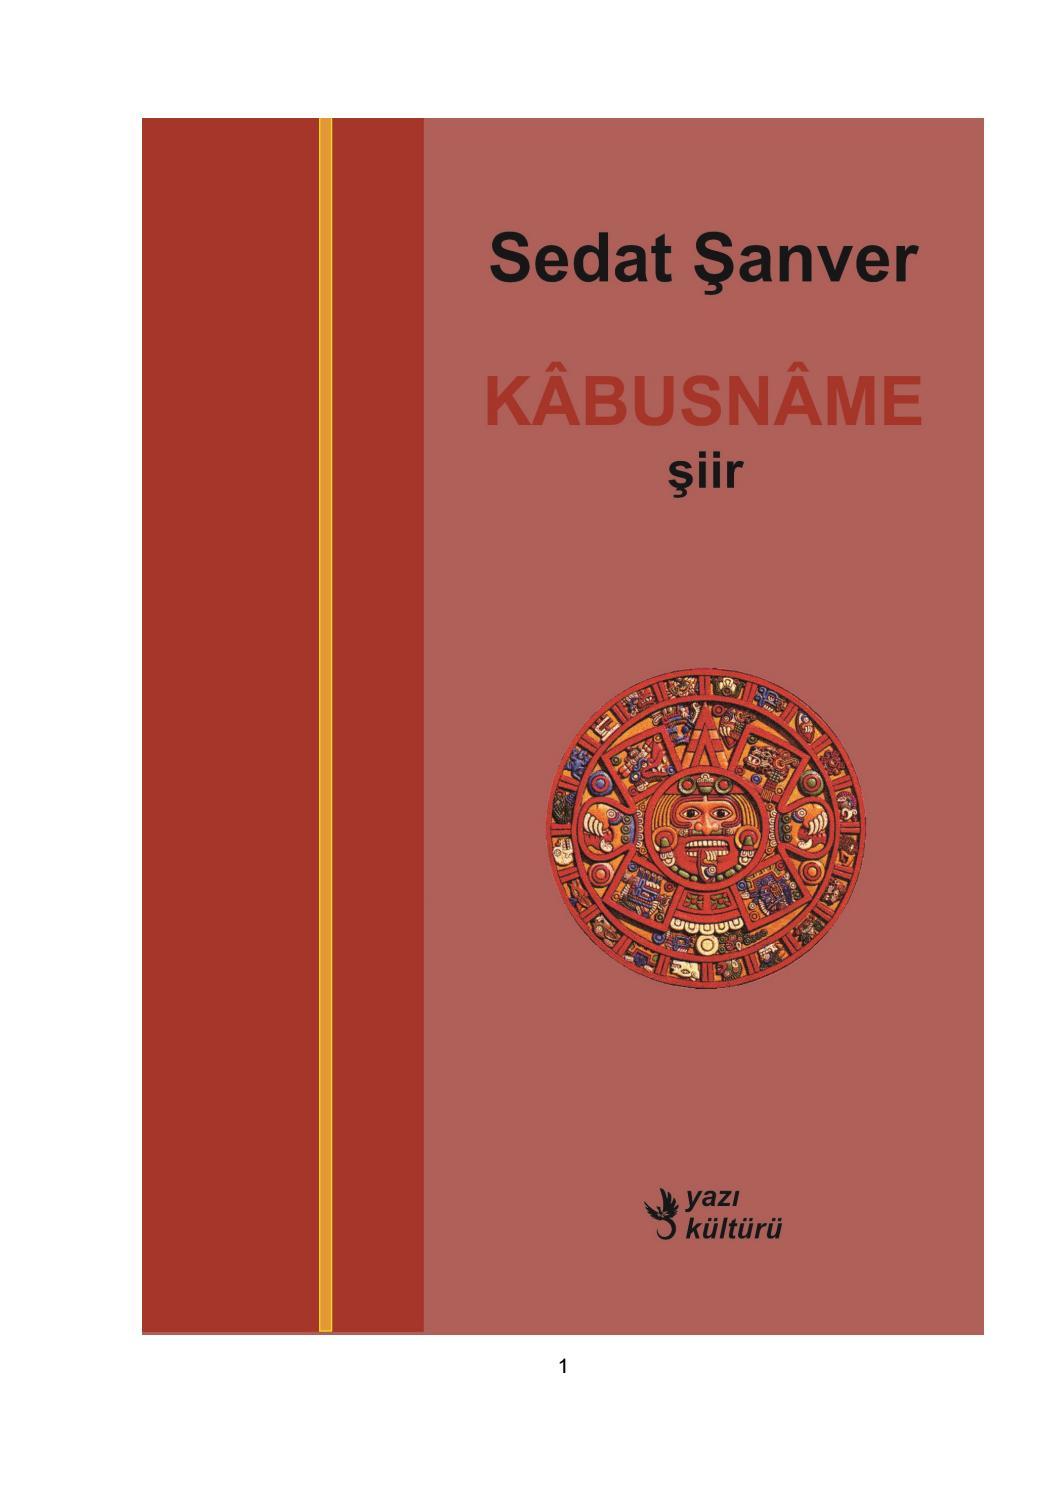 6793f9aff0002 Kâbusnâme, Sedat Şanver, Şiir by yazi kulturu - issuu